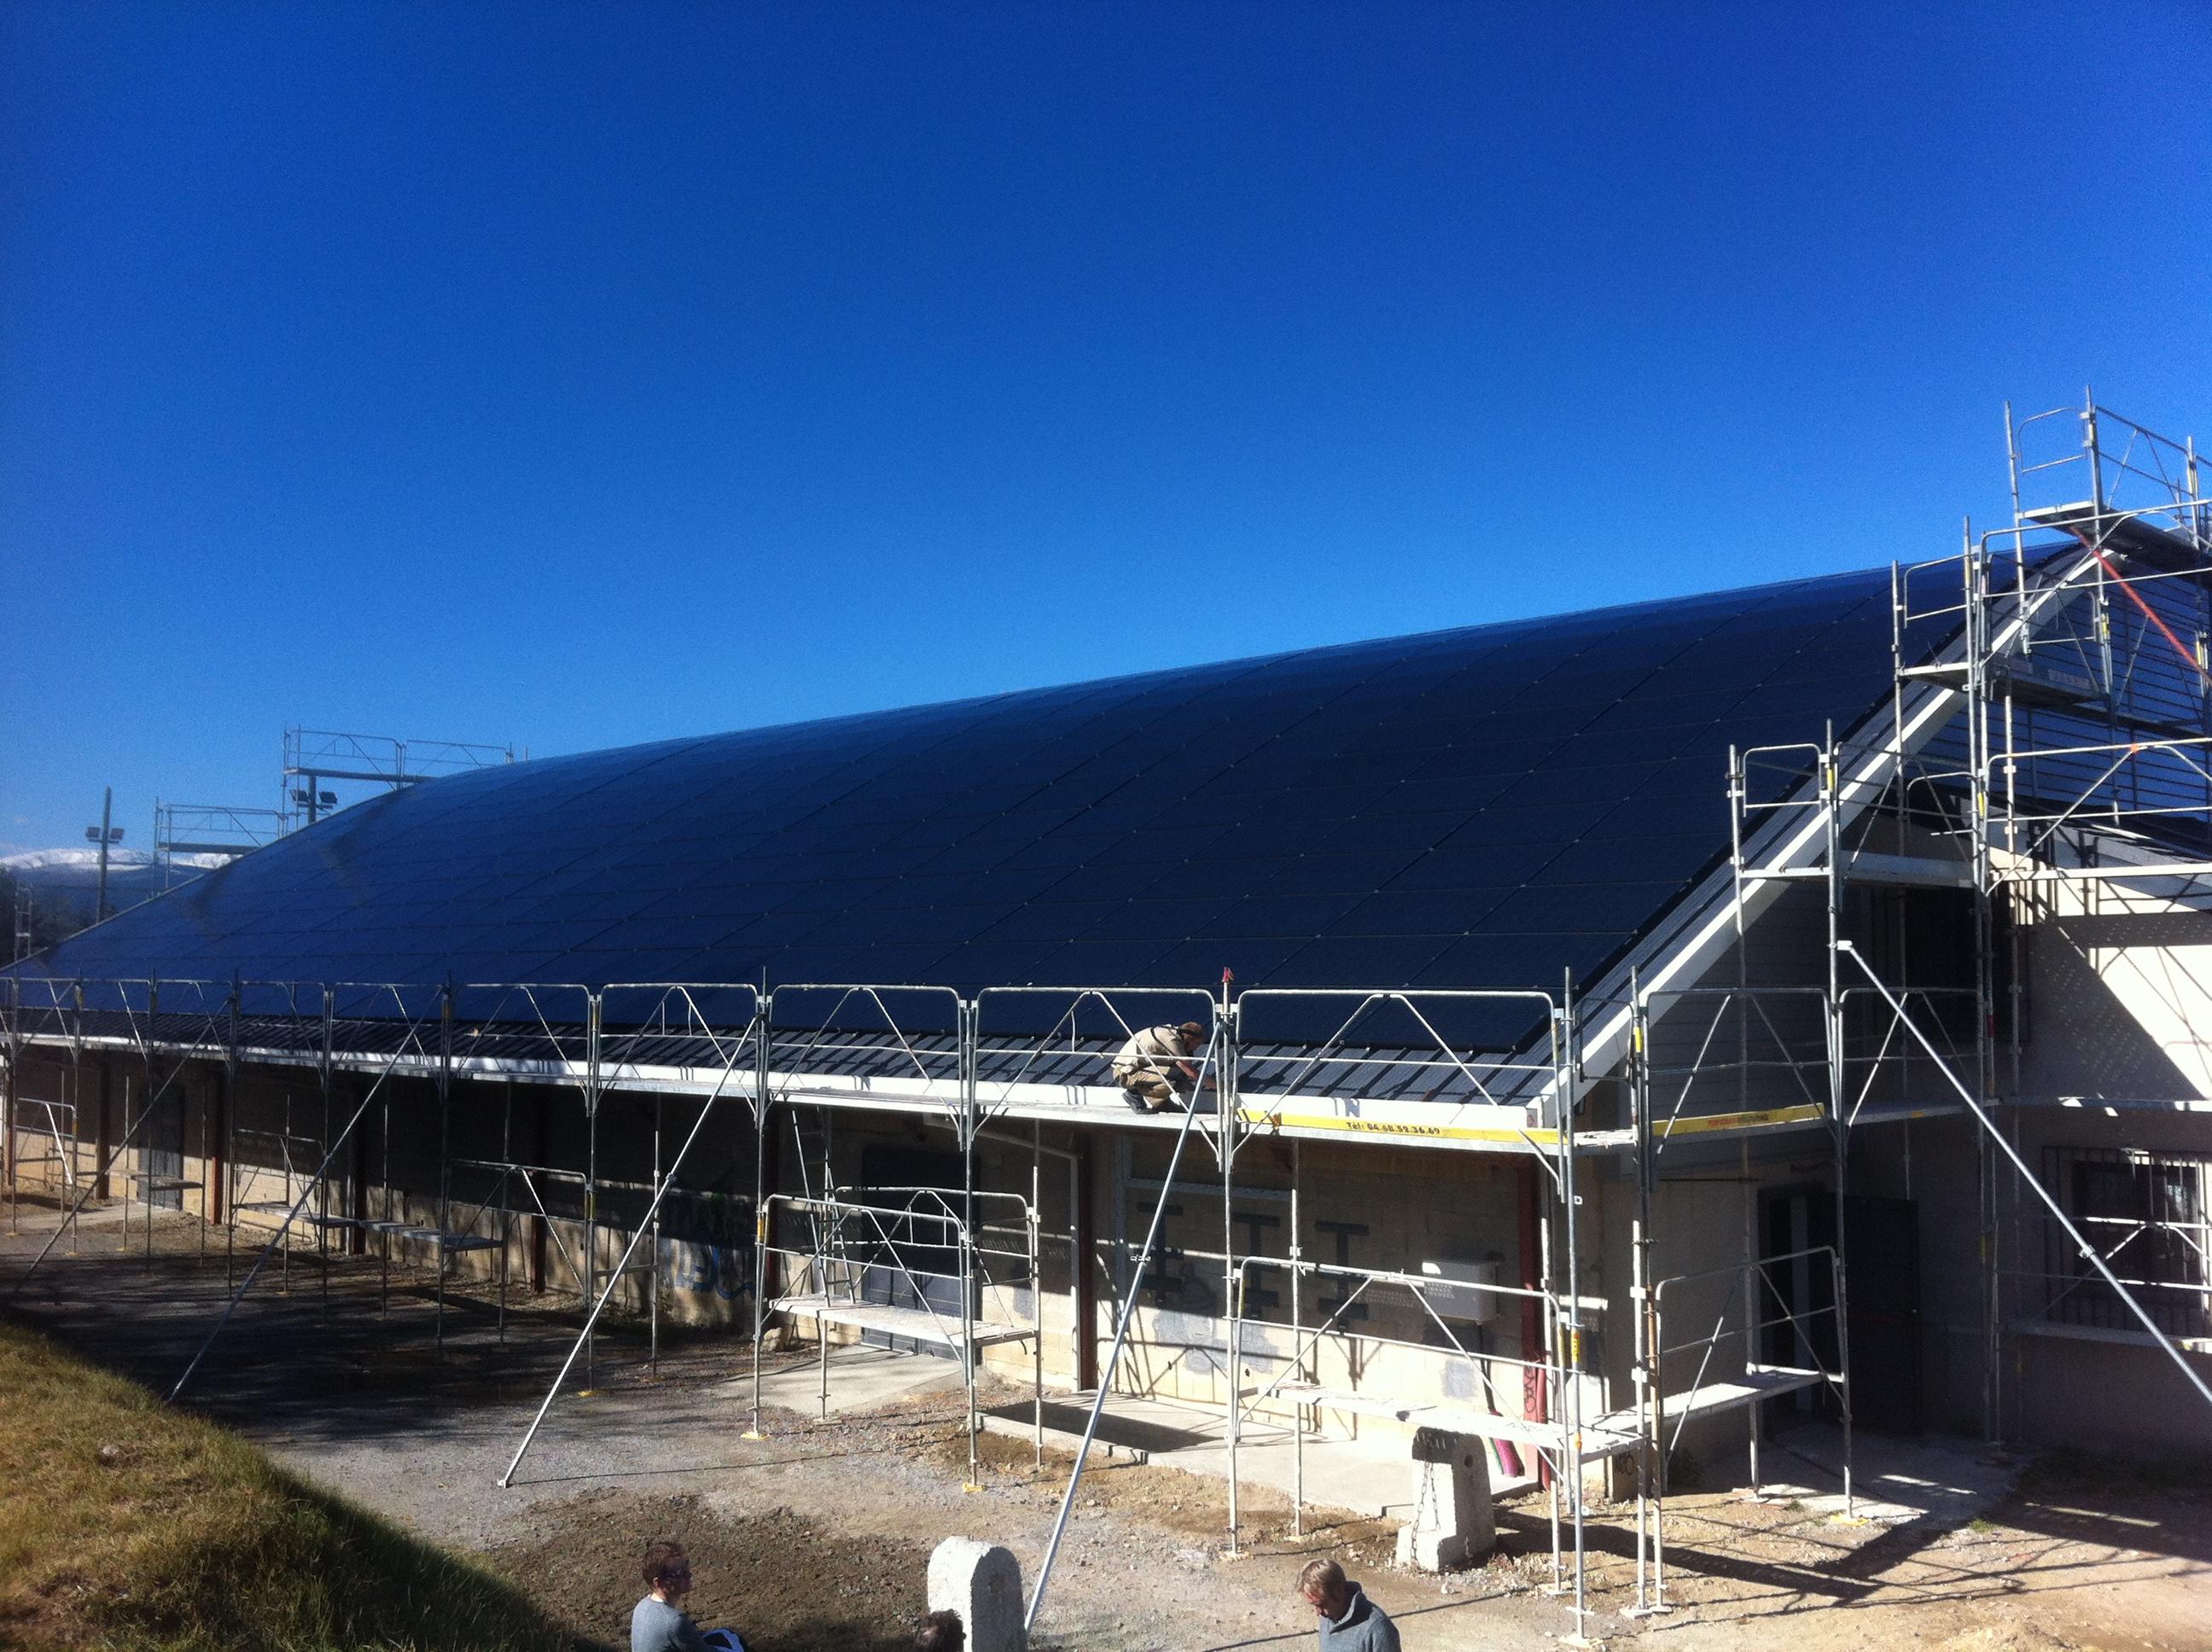 Novembre 2014, 100 kWc, Pyrénées Orientales (66800), Languedoc-Roussillon